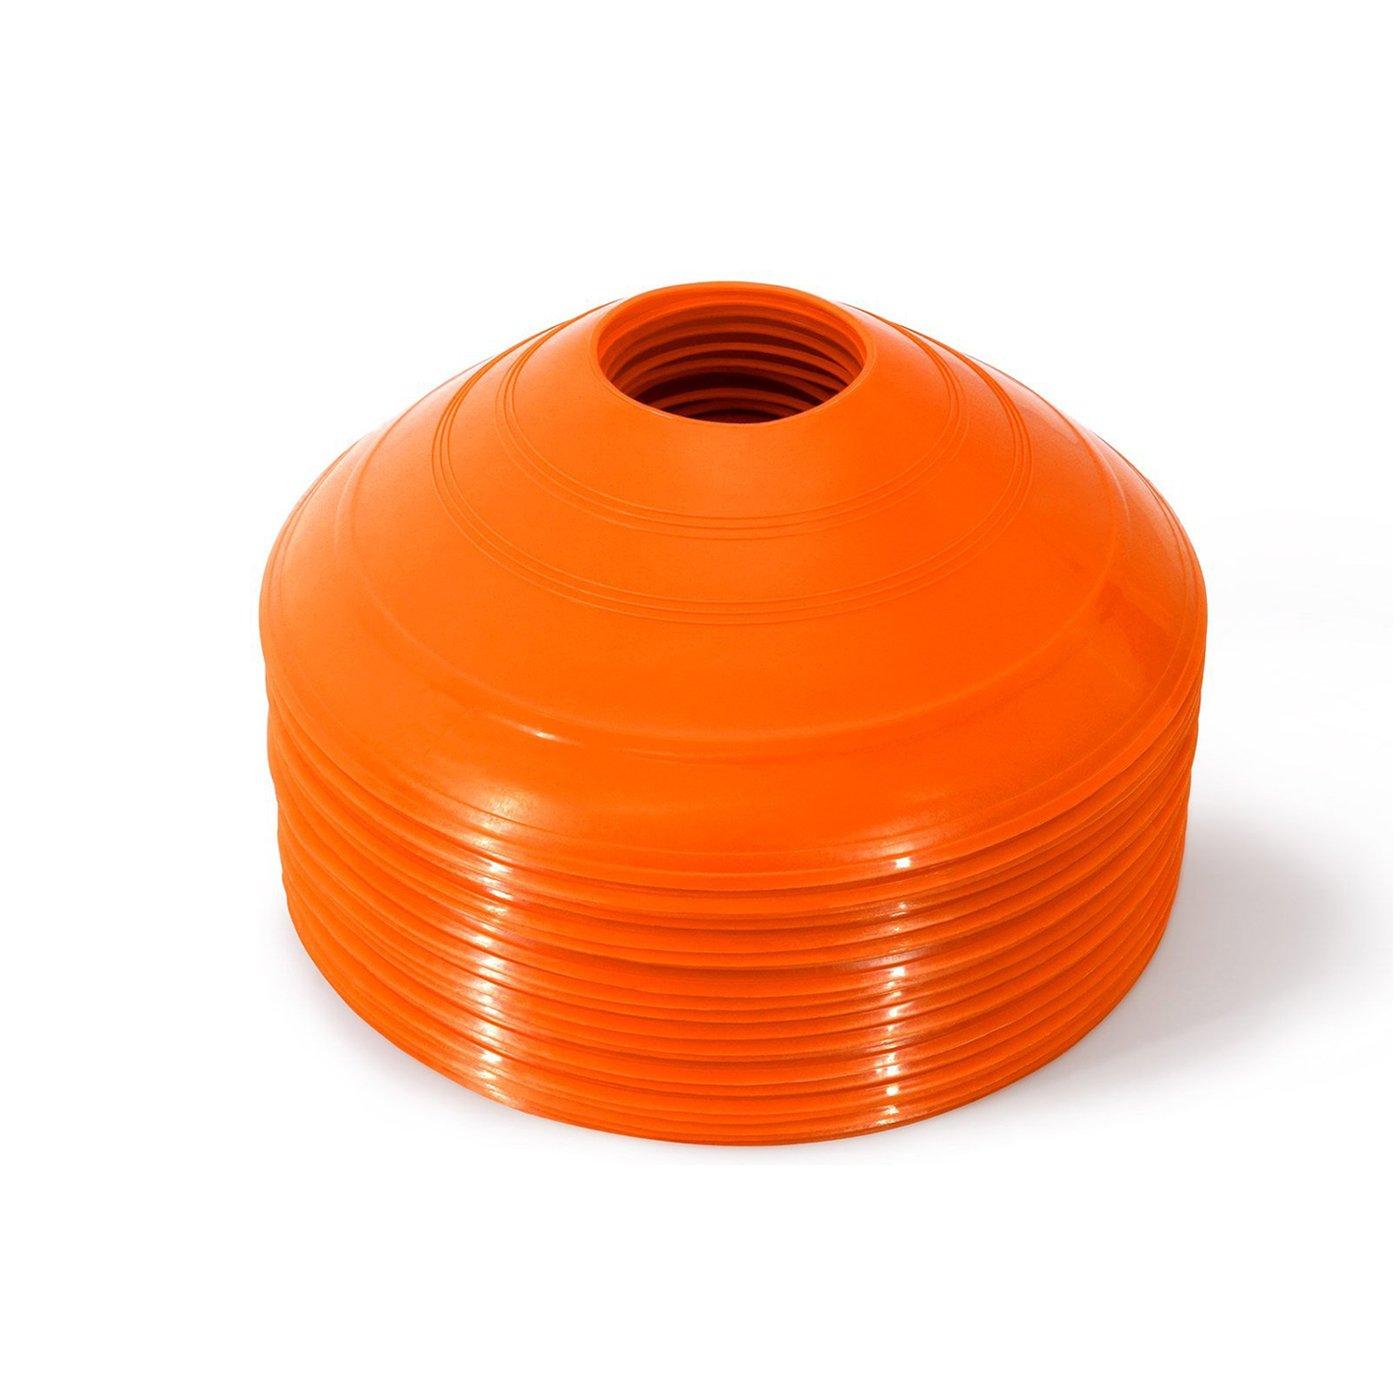 Galleon - Soccer Disc Cones Mini Agility Cones Orange,Field Markers